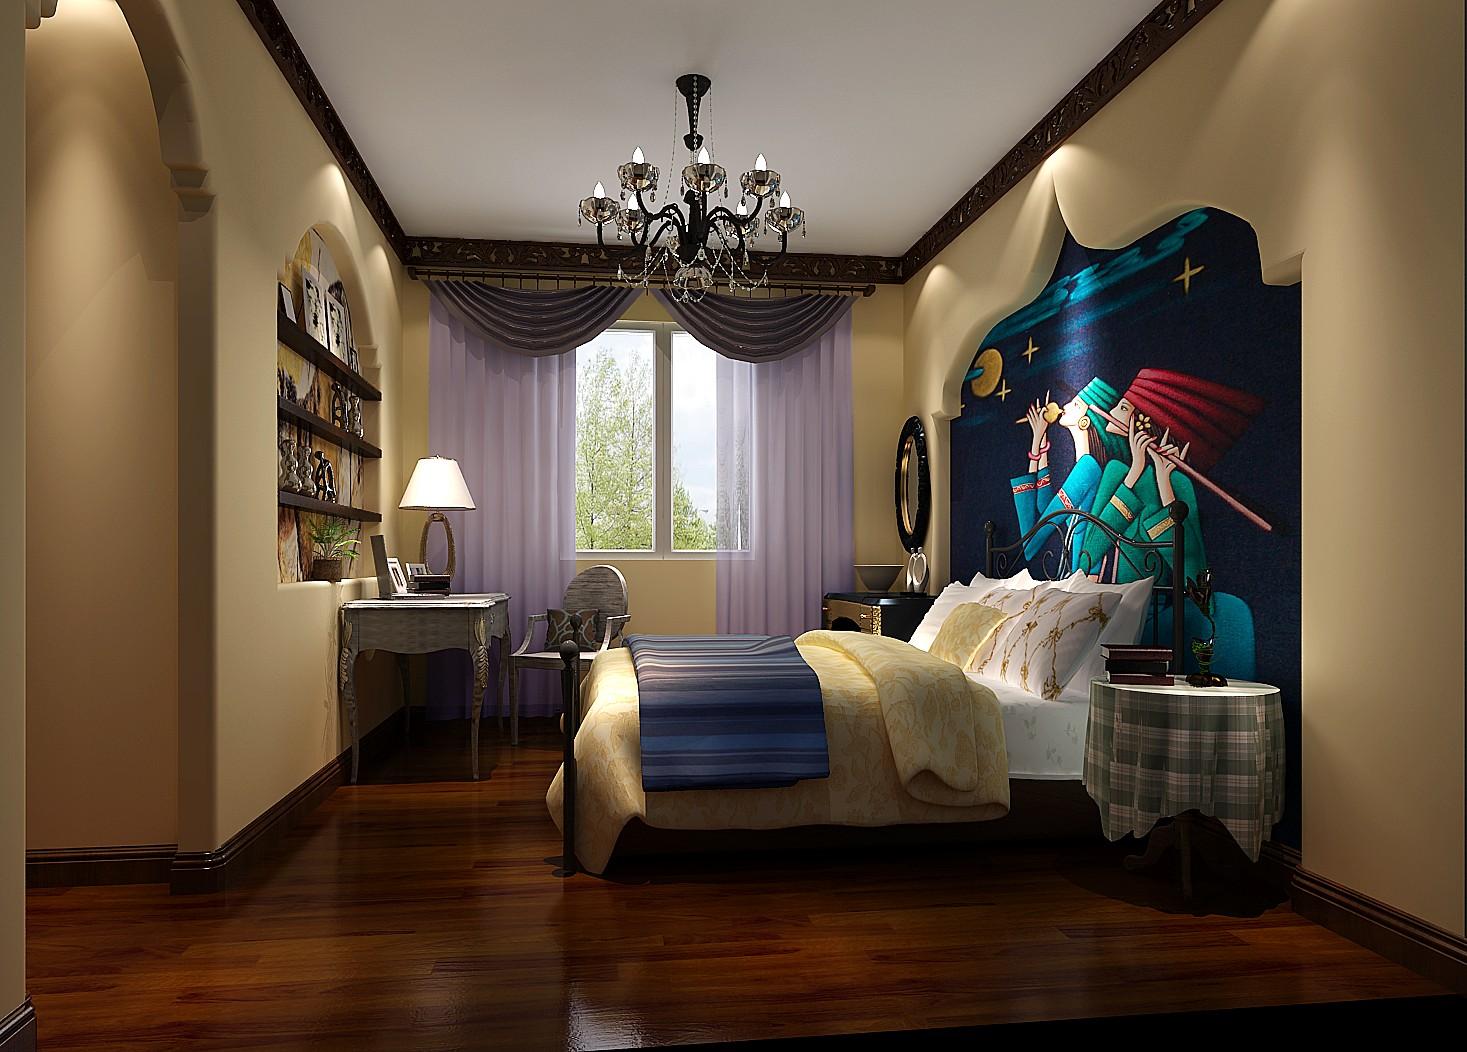 高度国际 远洋一方 混搭风格 家装 卧室图片来自高度国际在高度国际-127平米混搭风格的分享